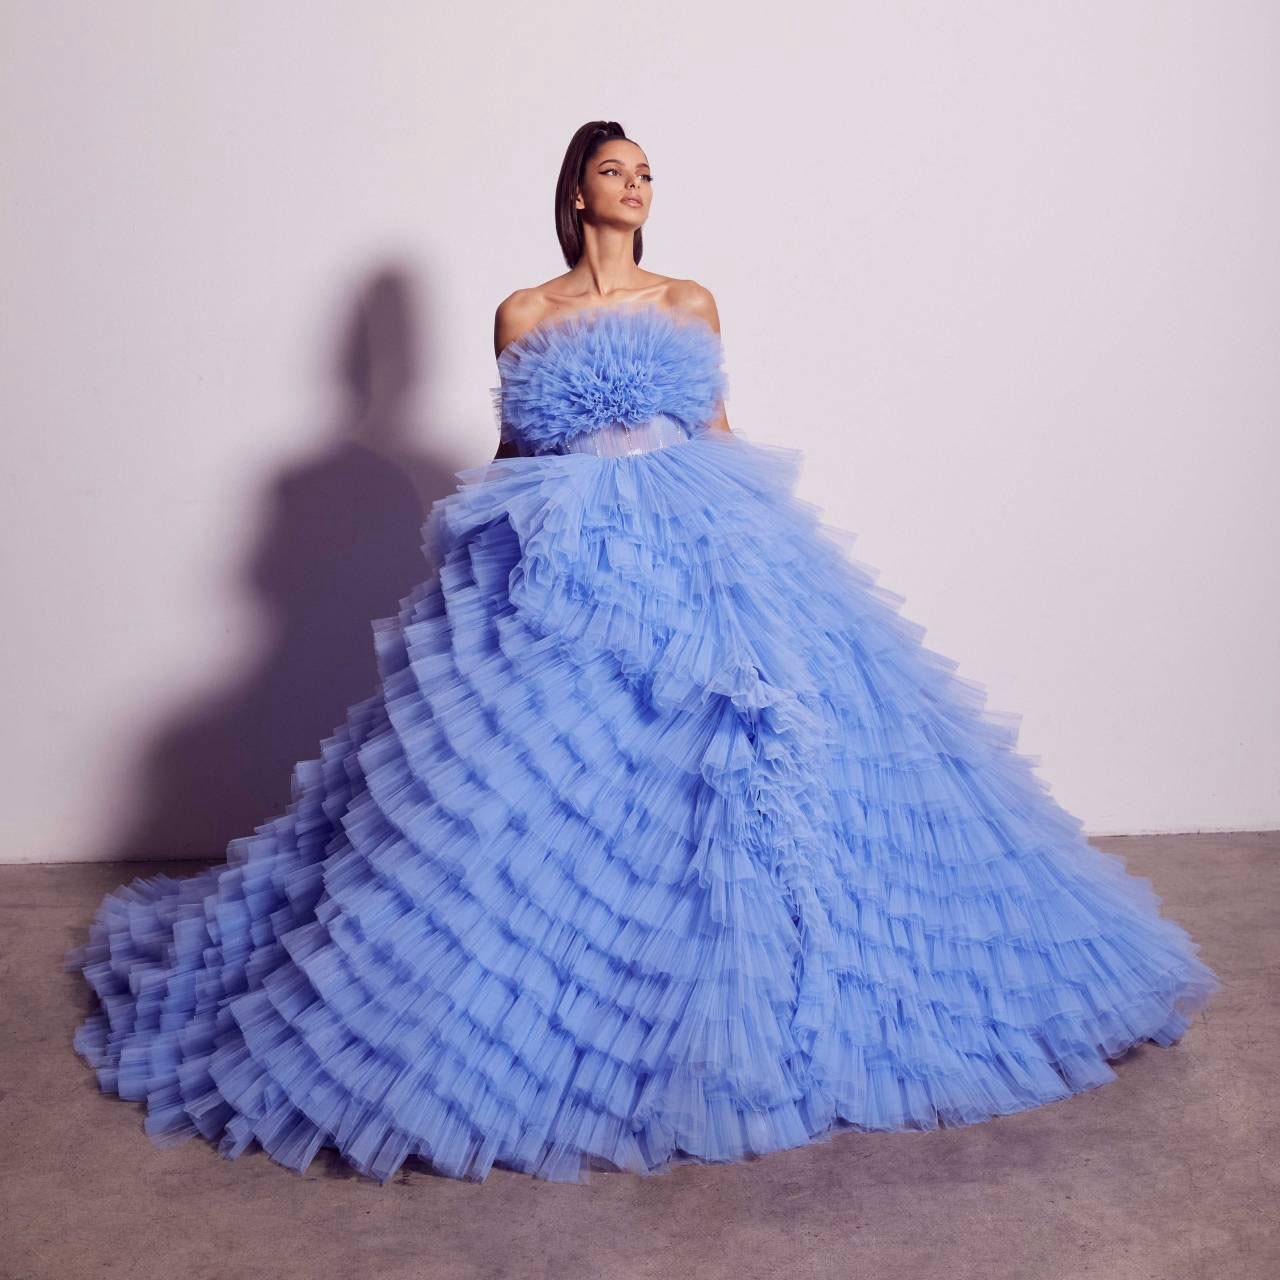 فستان سهرة أزرق أرجواني بدون حمالات من التل الخصبة فستان سهرة منفوش الطبقات مع ترتر مطرز بالخرز